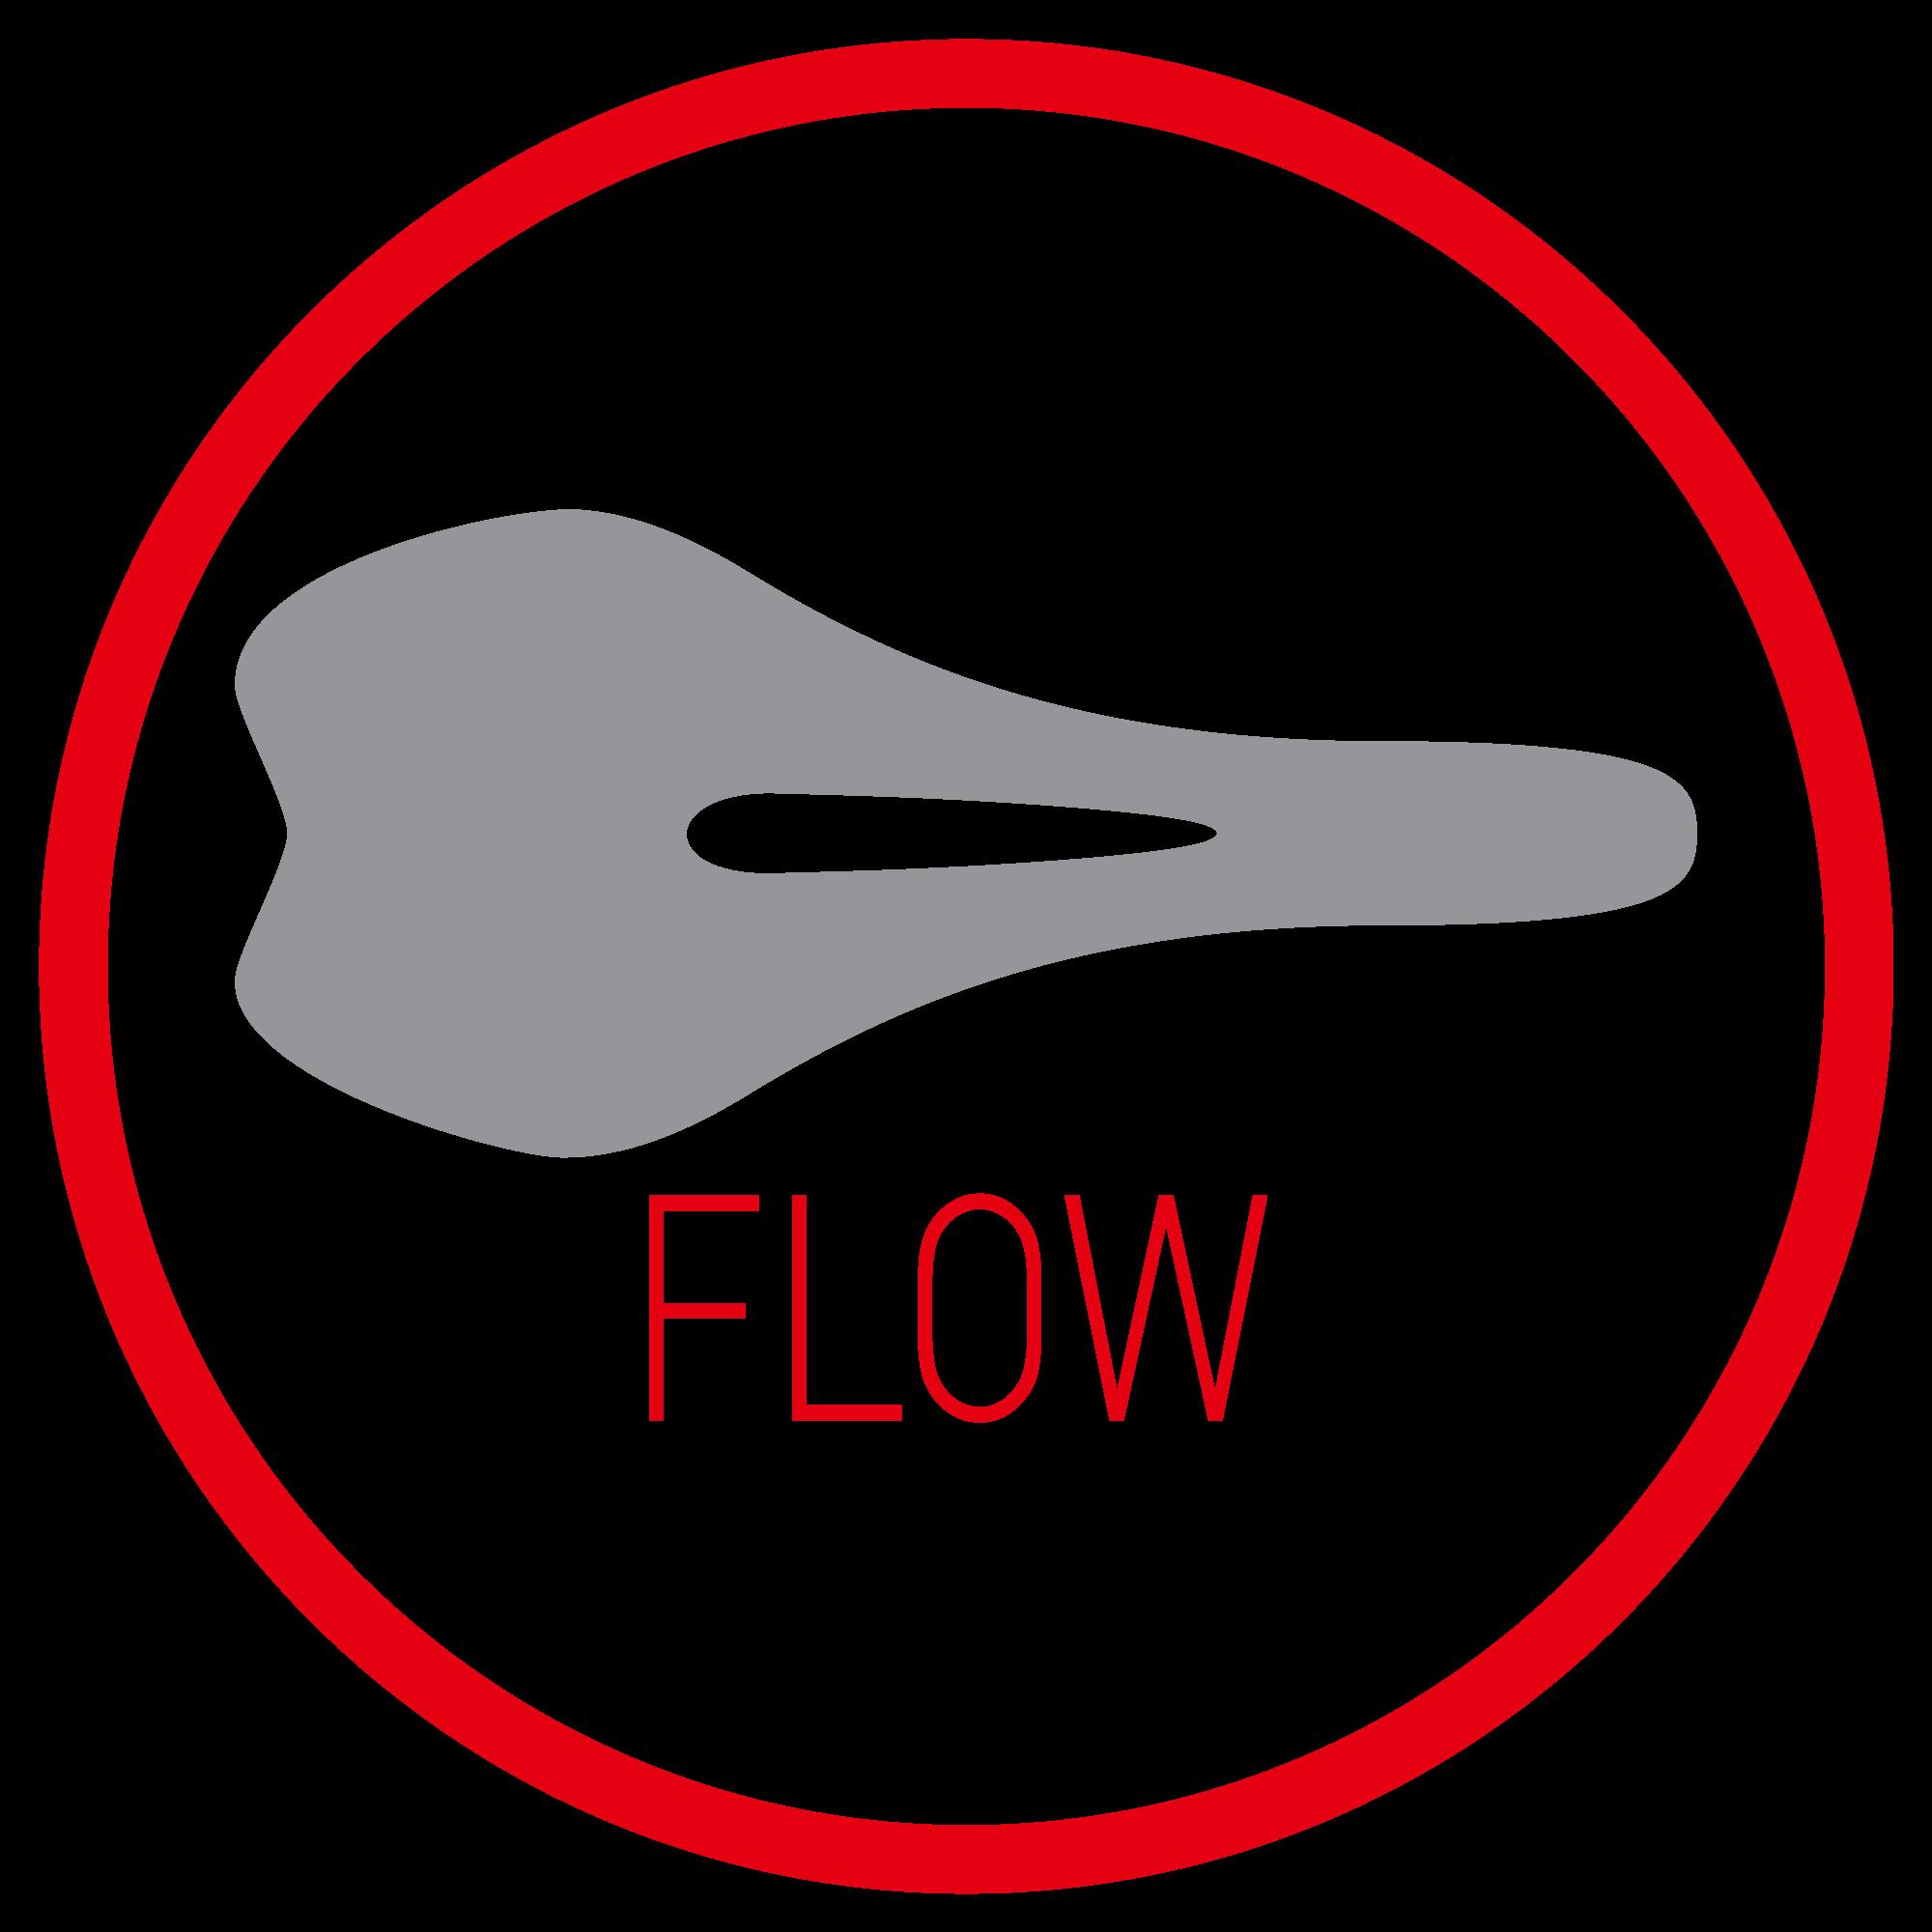 Selle-Italia-icon-02-flow